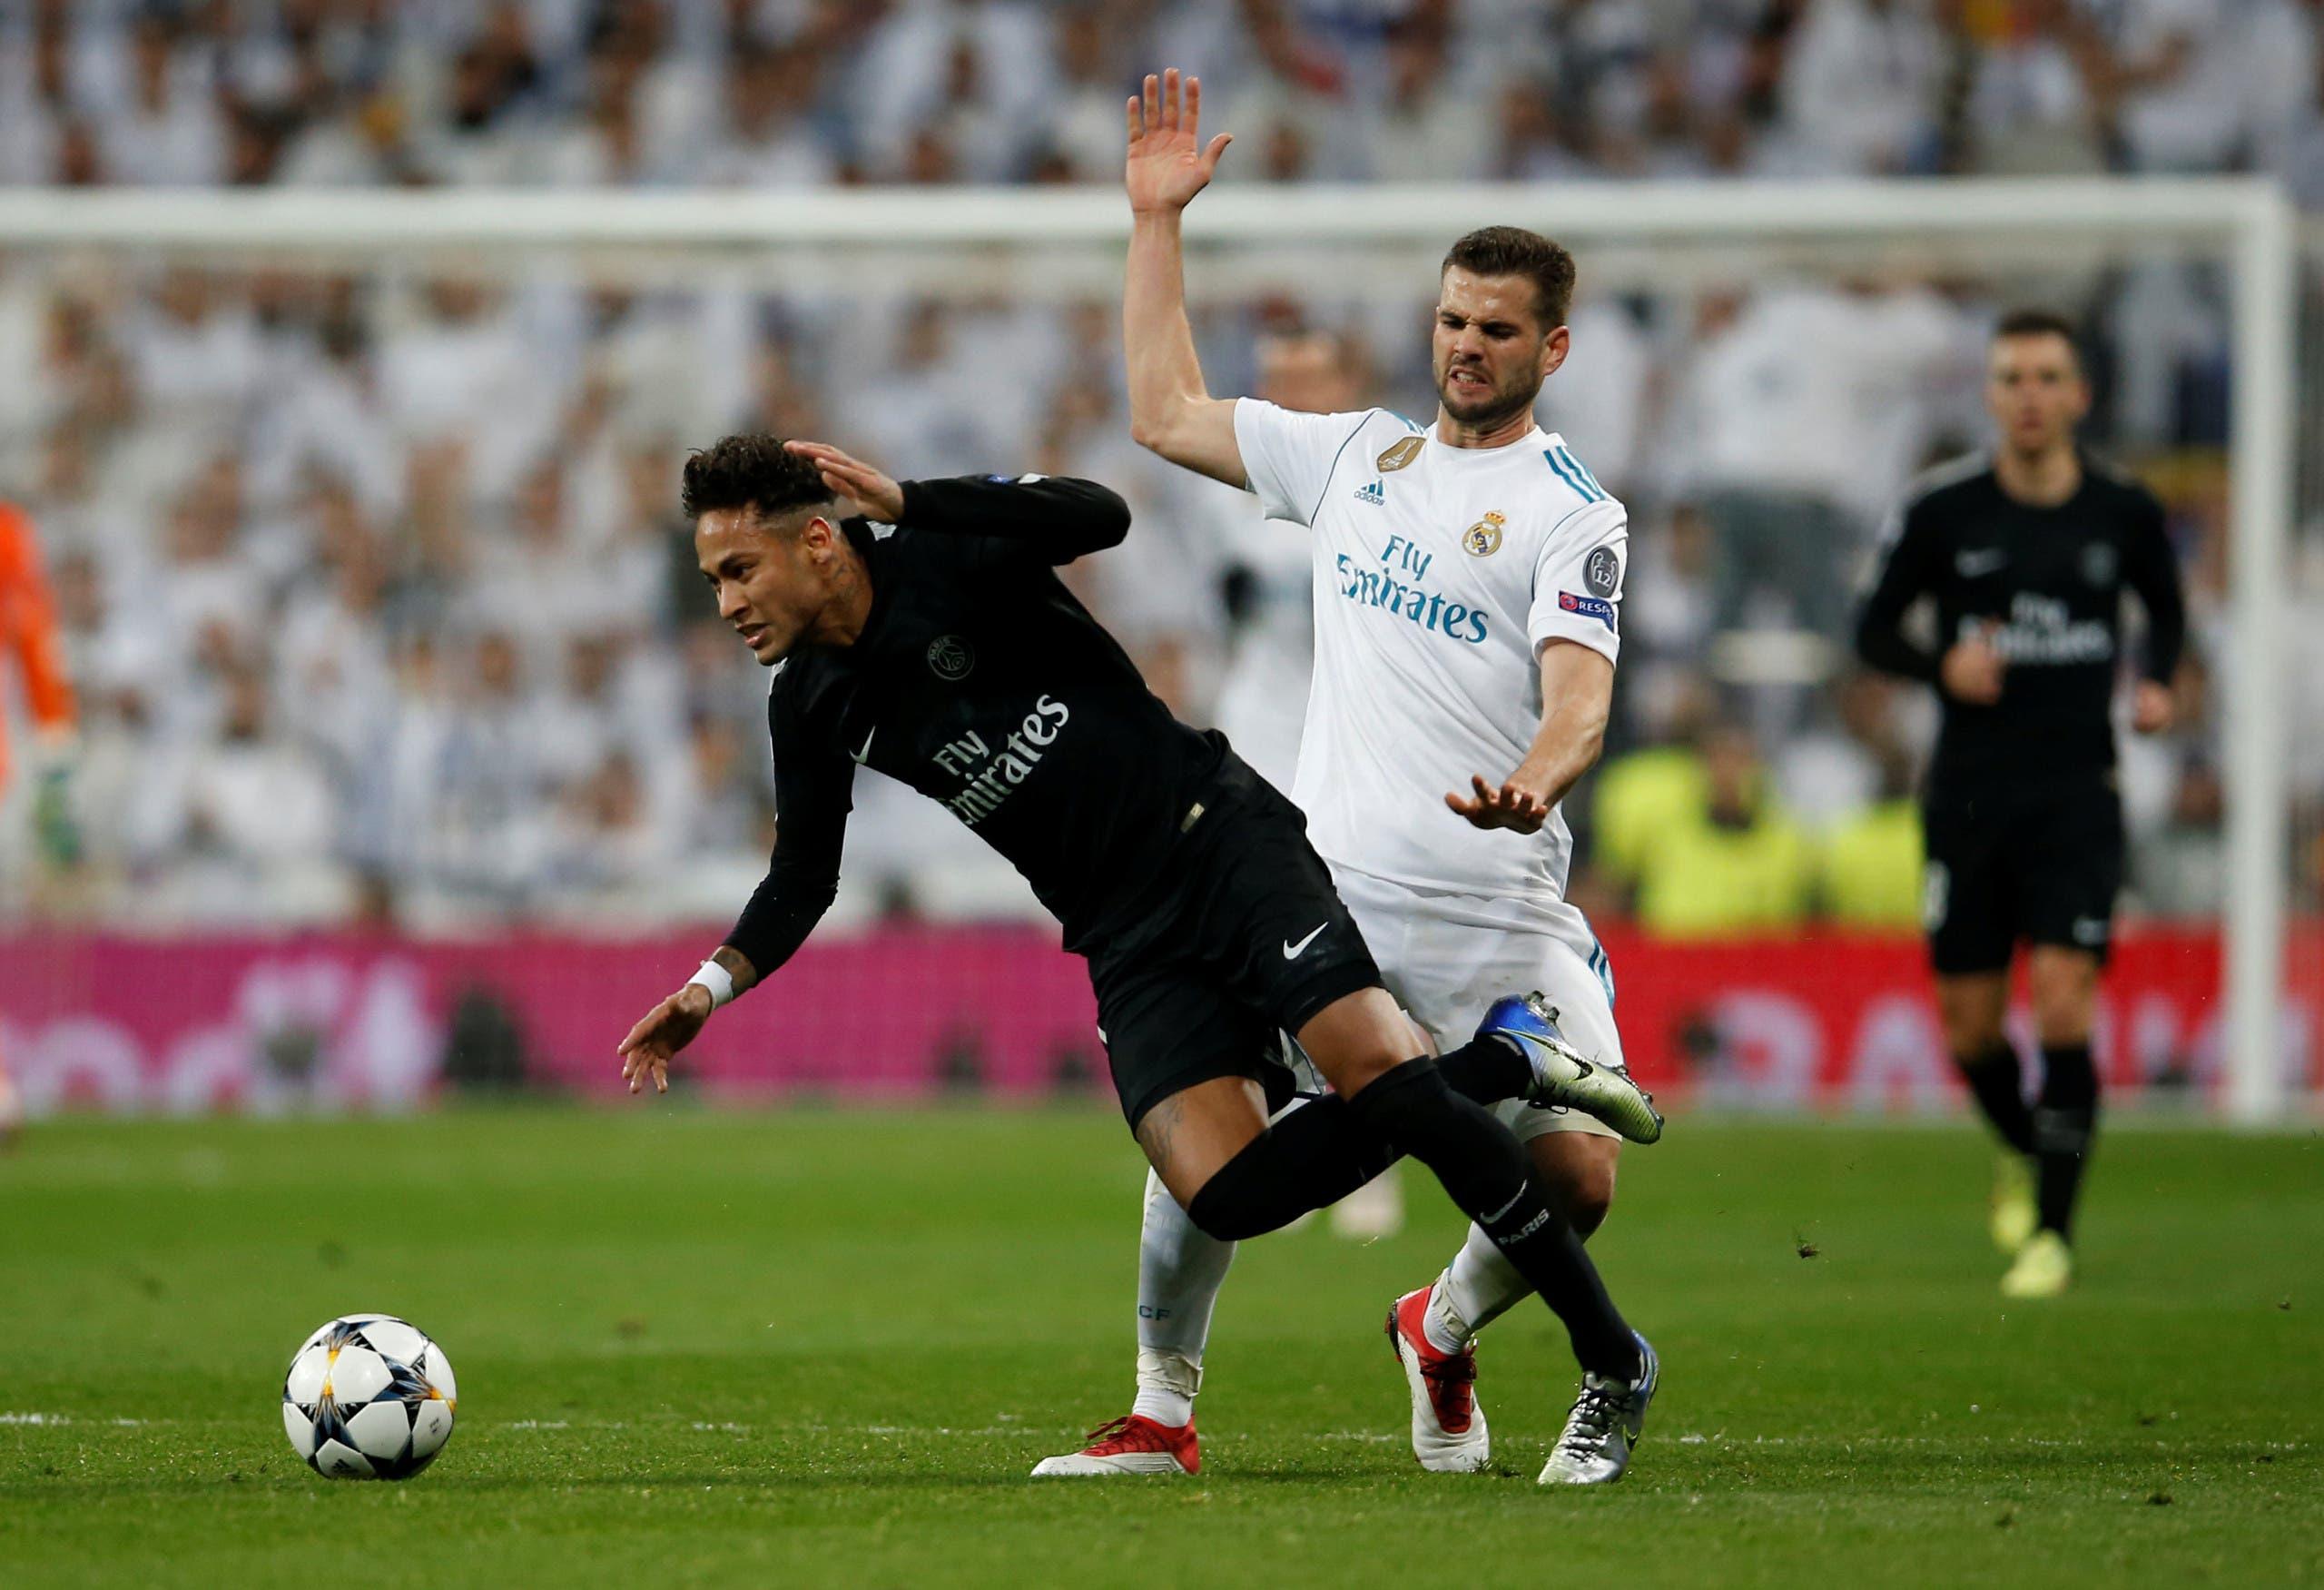 نيمار خلال مواجهة الذهاب في ثمن نهائي دوري الأبطال أمام ريال مدريد في موسم 2017-2018